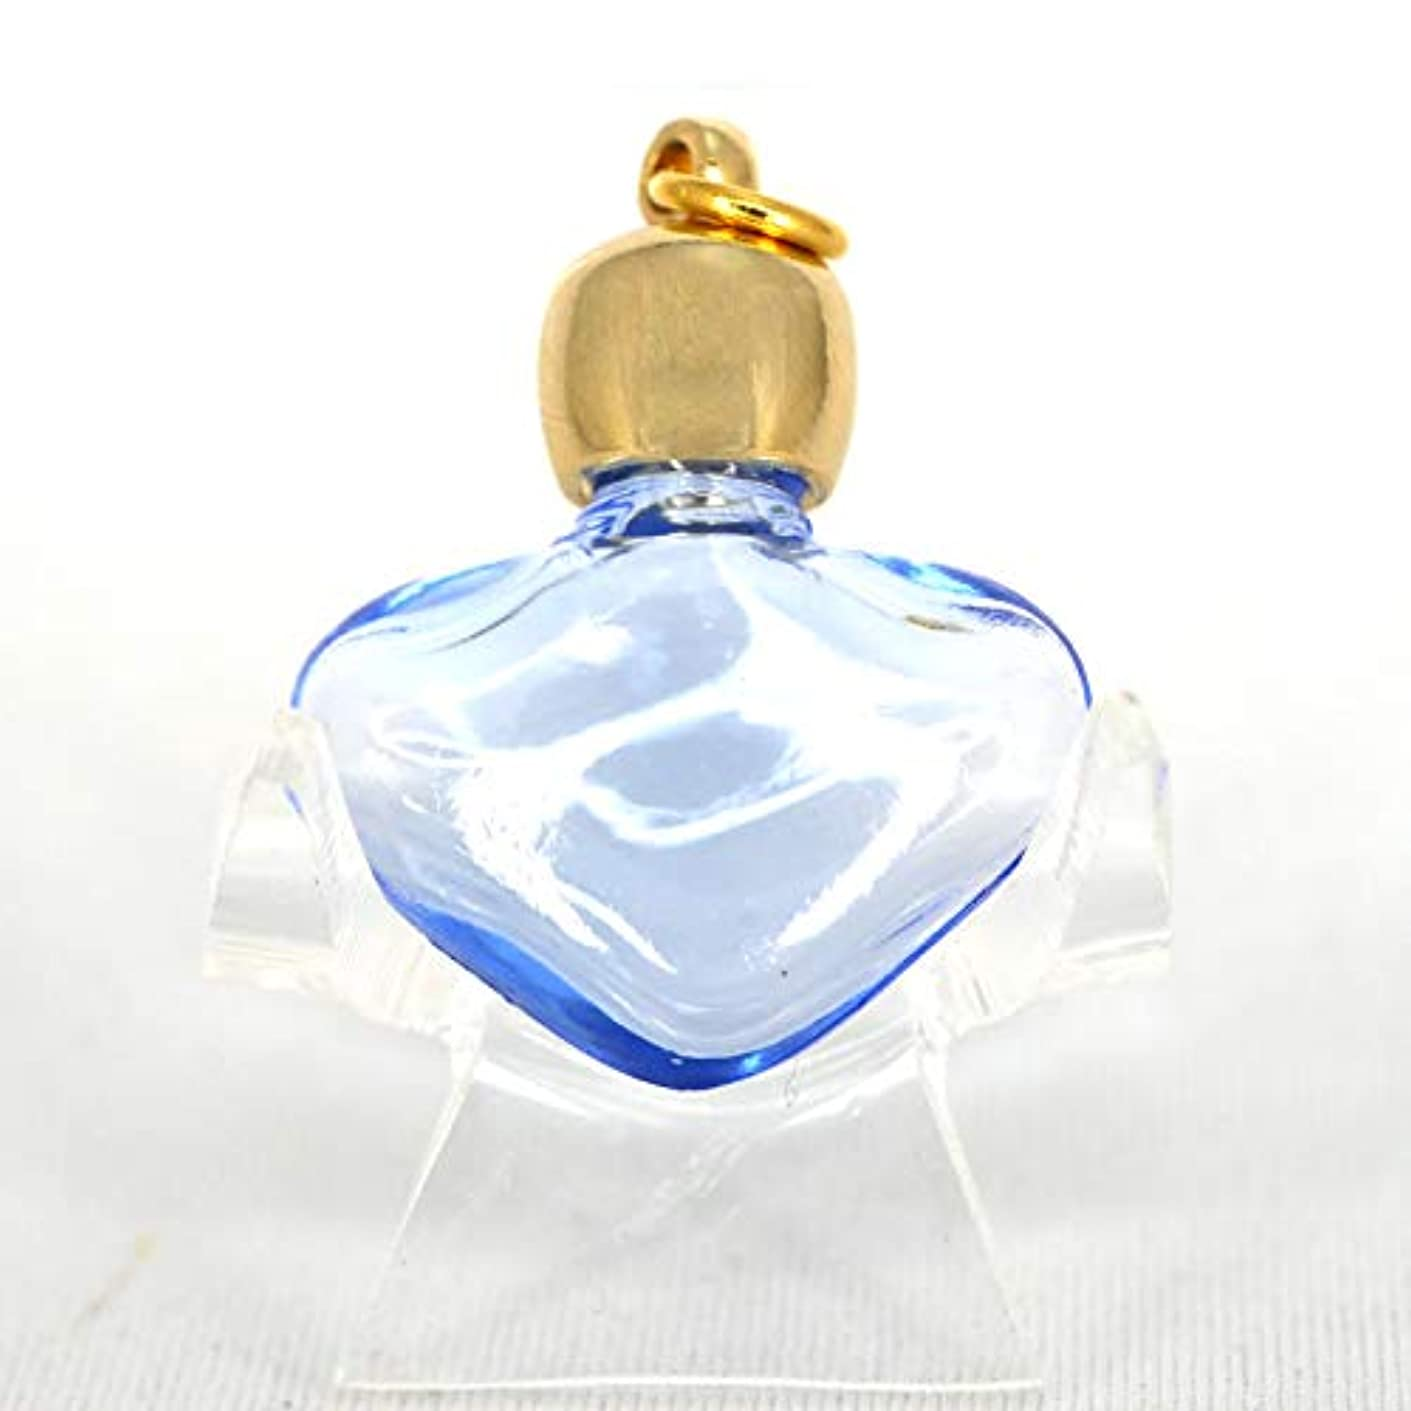 色ピルファー部分的にミニ香水瓶 アロマペンダントトップ ハートブルー(透明青)0.8ml?ゴールド?穴あきキャップ、パッキン付属【アロマオイル?メモリーオイル入れにオススメ】